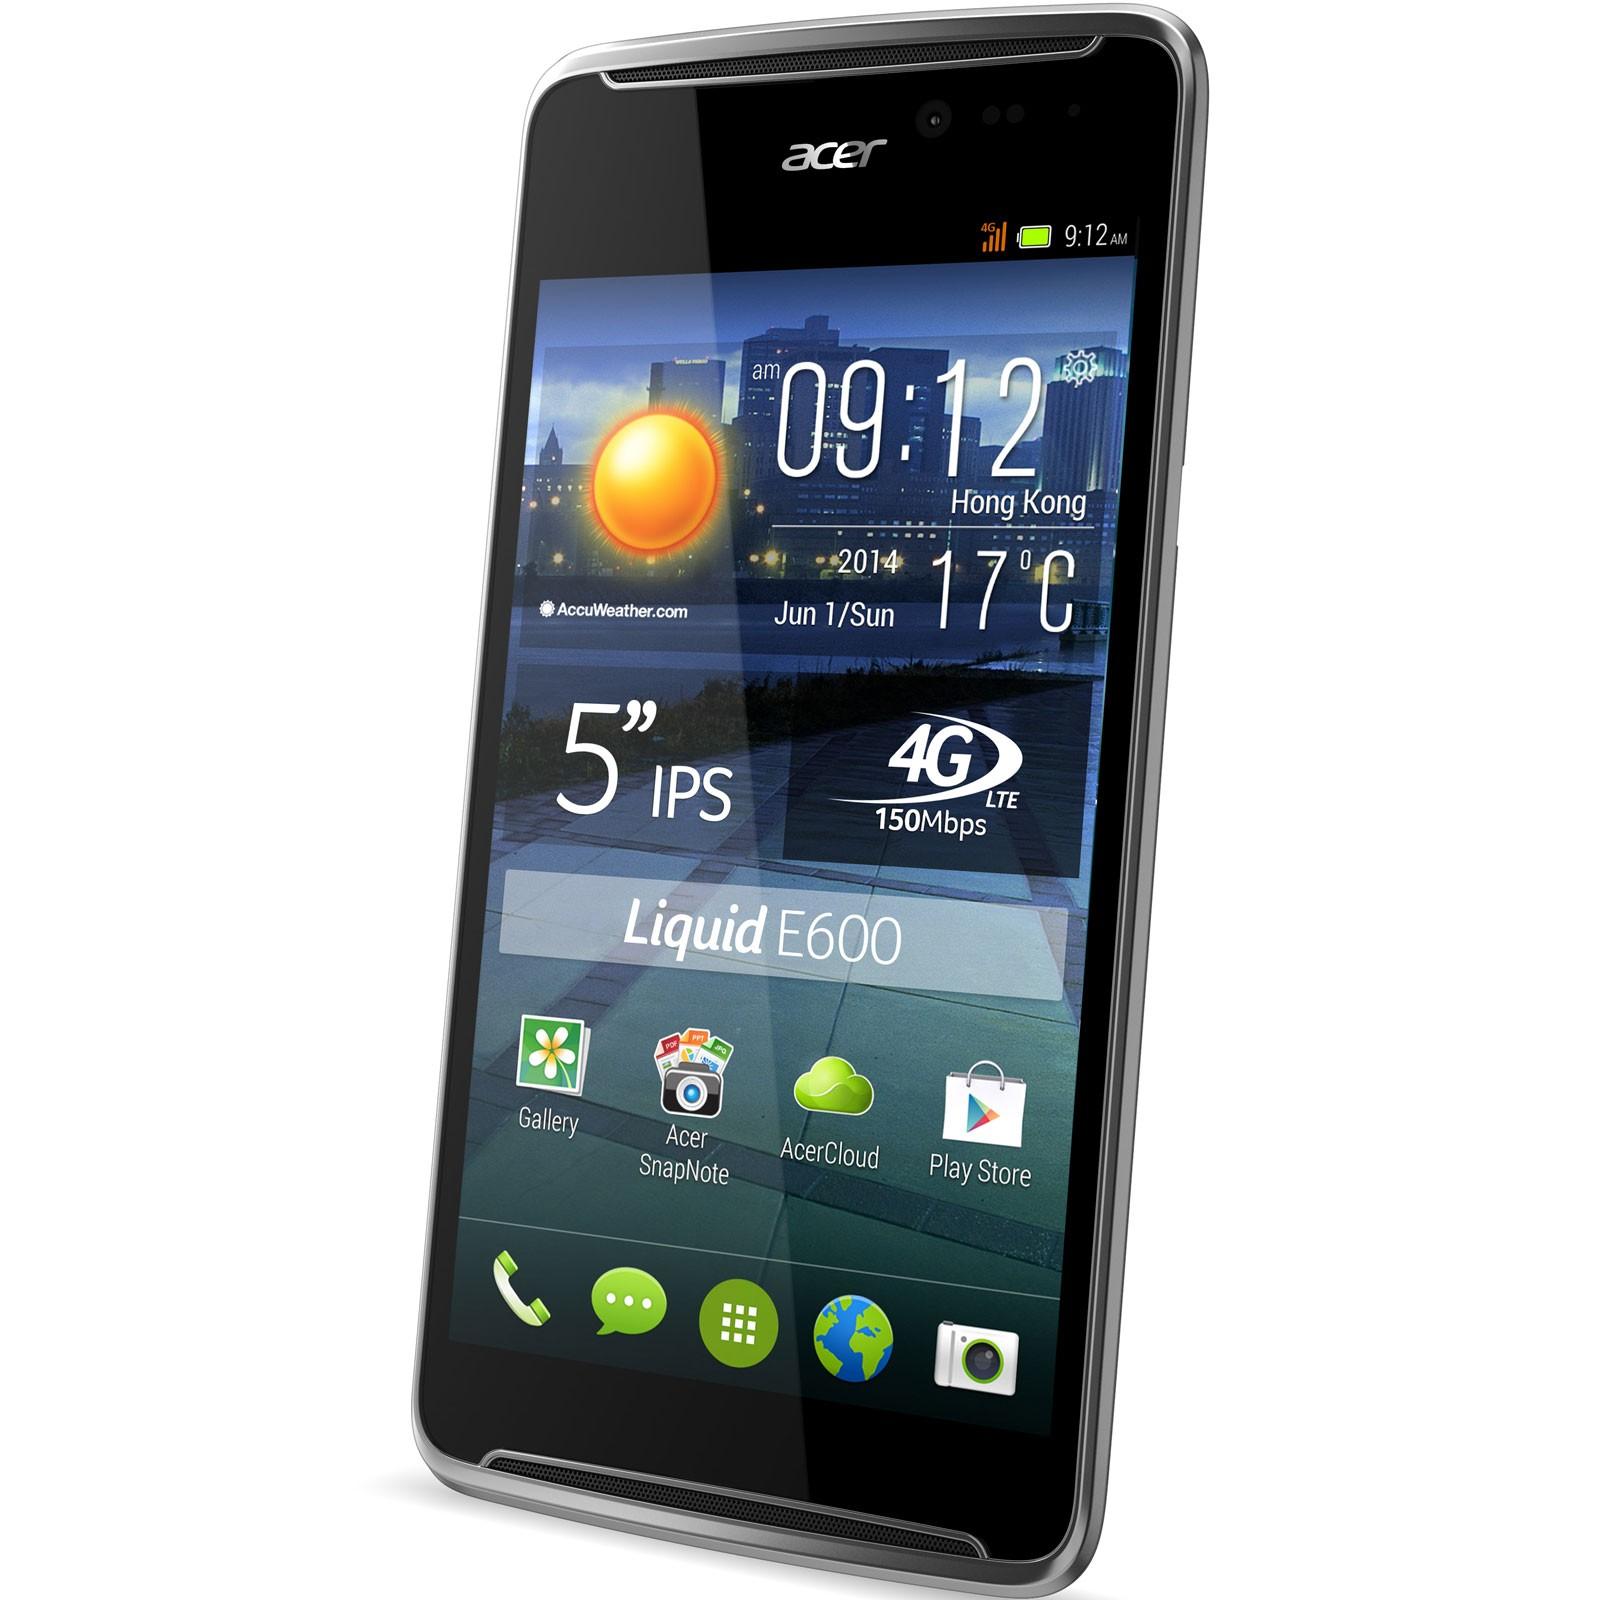 Acer Liquid E600 Image